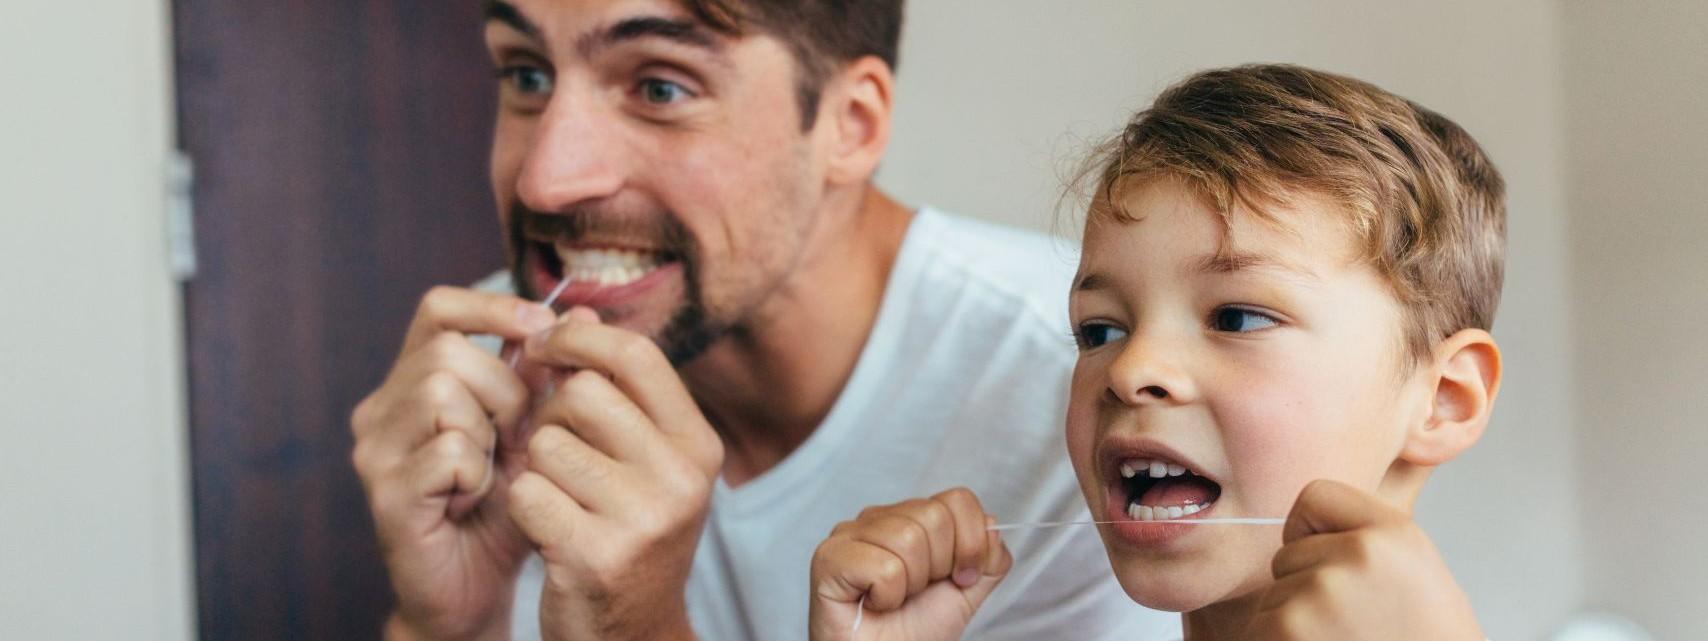 Ein etwa 6-jähriger Junge steht mit seinem Vater im Badezimmer. Sie pflegen mit Zahnseide ihre Zähne.